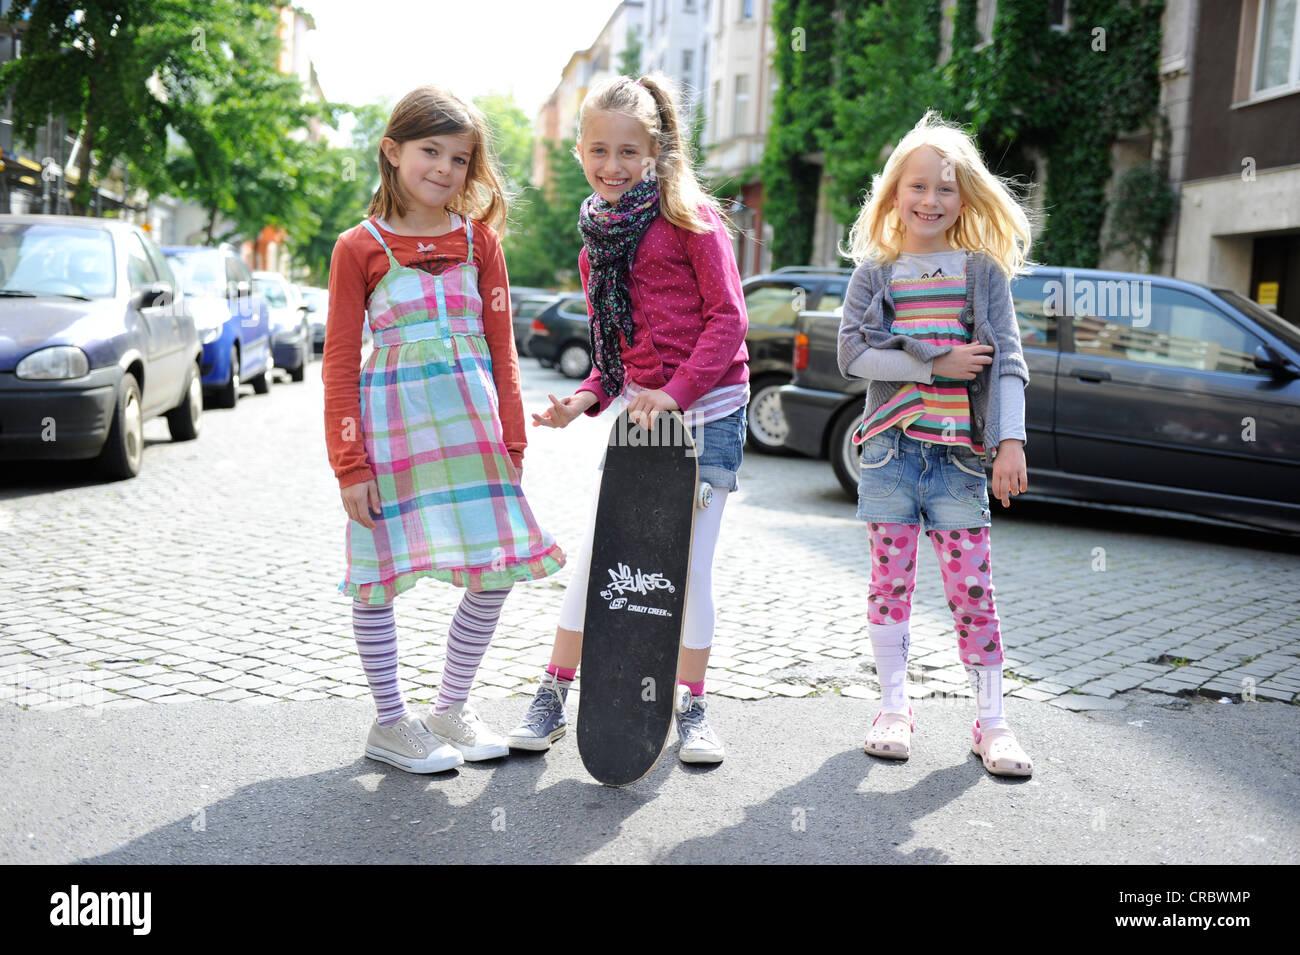 Tre ragazze con uno skateboard in una strada residenziale nel centro di Dusseldorf, Renania settentrionale-Vestfalia, Immagini Stock